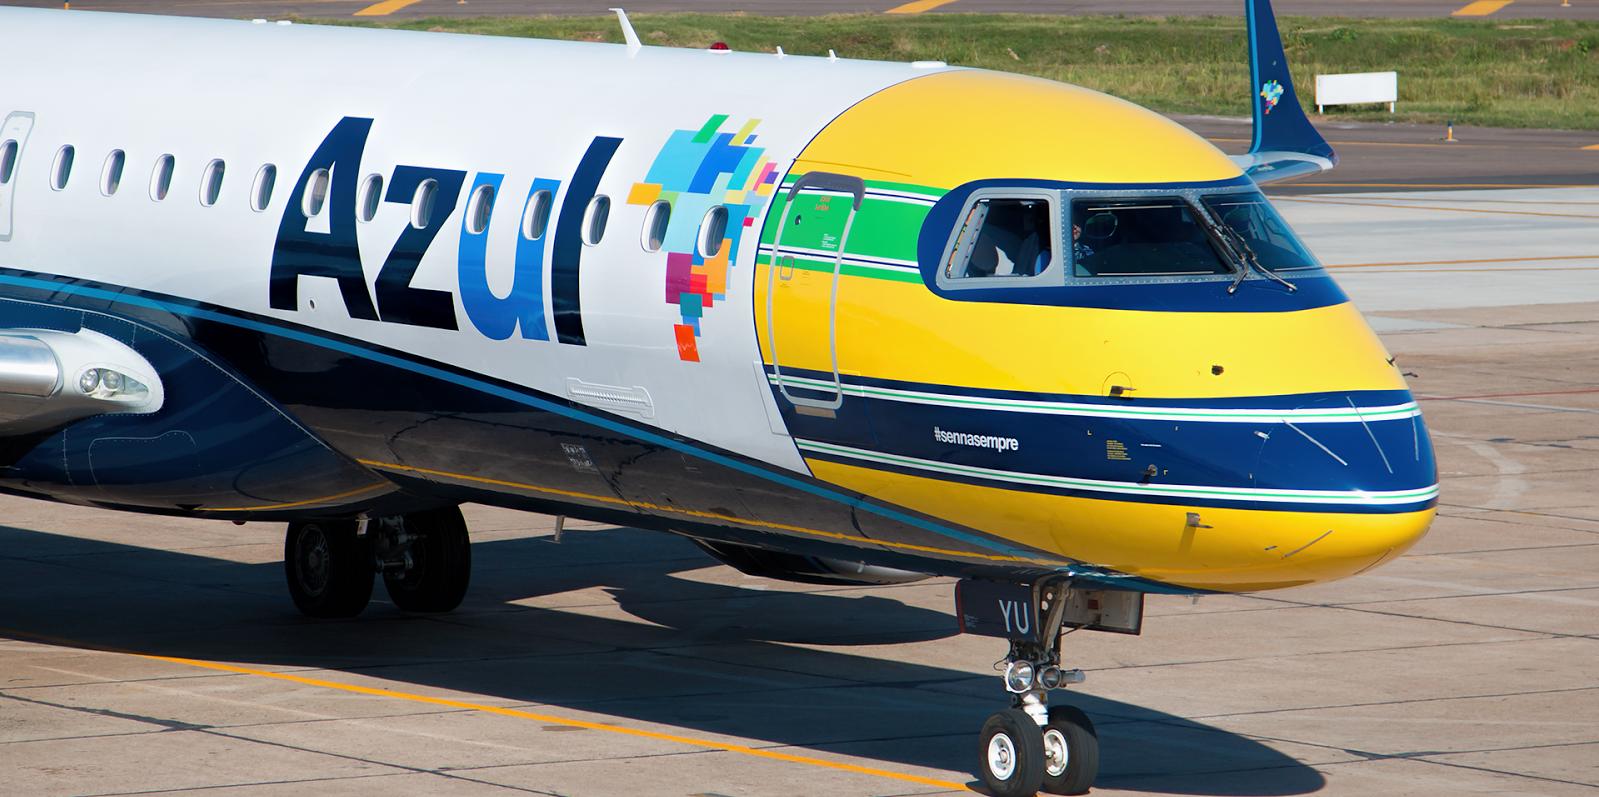 Embraer ERJ-195AR fra Azul, i den særlige Ayrton Senna-bemaling, er leaset af Great Dane Airlines.